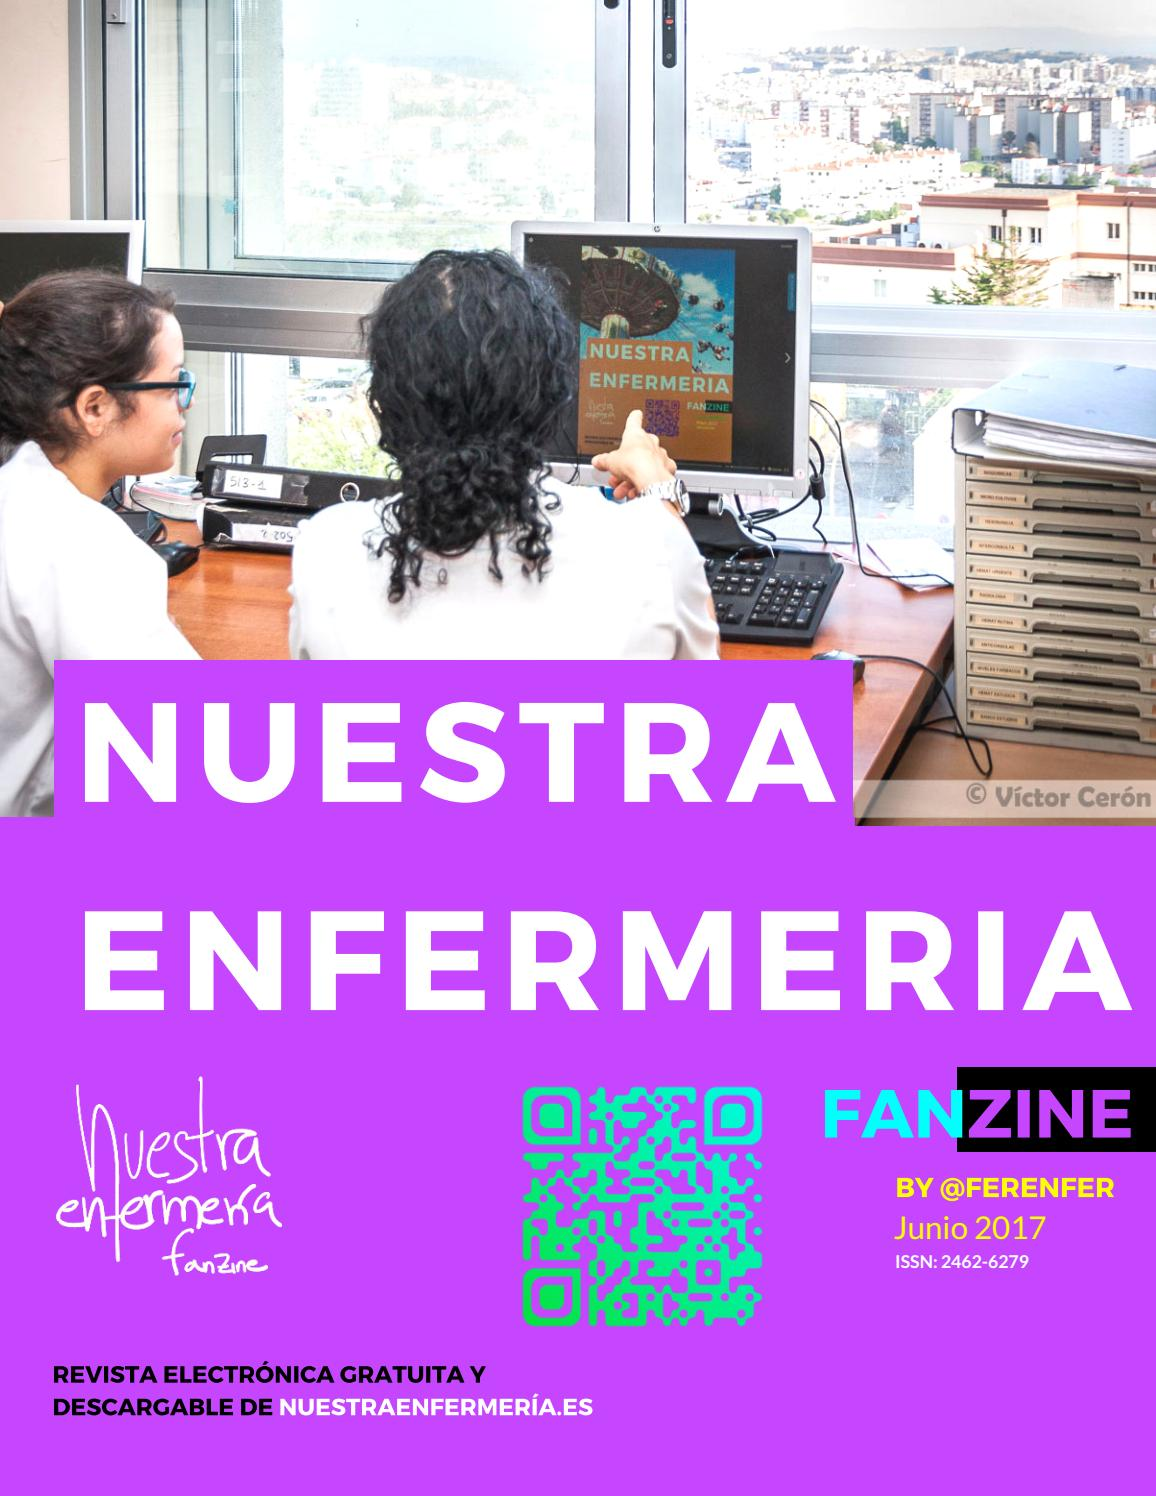 Fanzine Enfermería junio 2017 by Nuestra Enfermería Fanzine - issuu